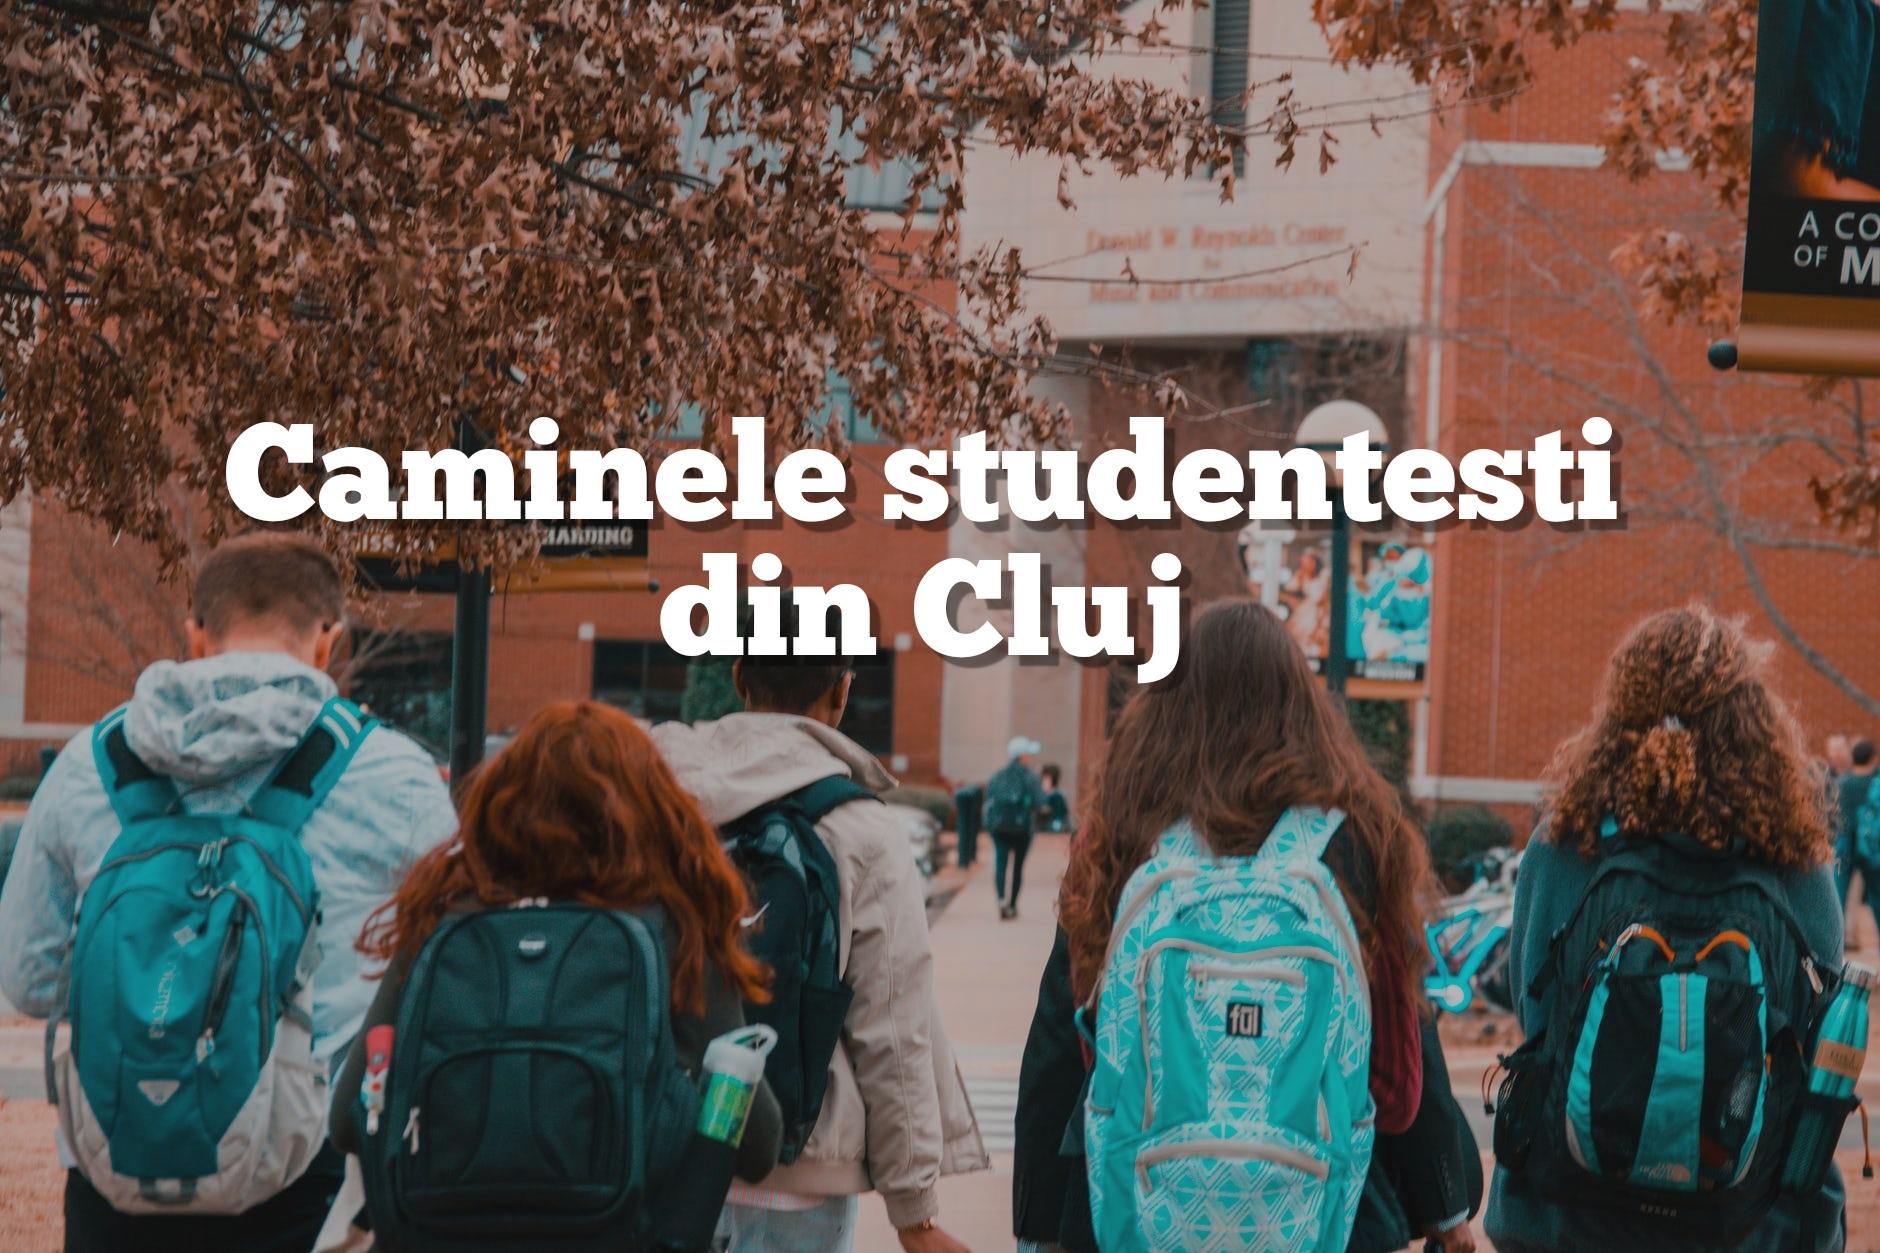 Căminele studențești din Cluj: prețuri, facilități și orice te-ar mai putea interesa înainte de a te muta